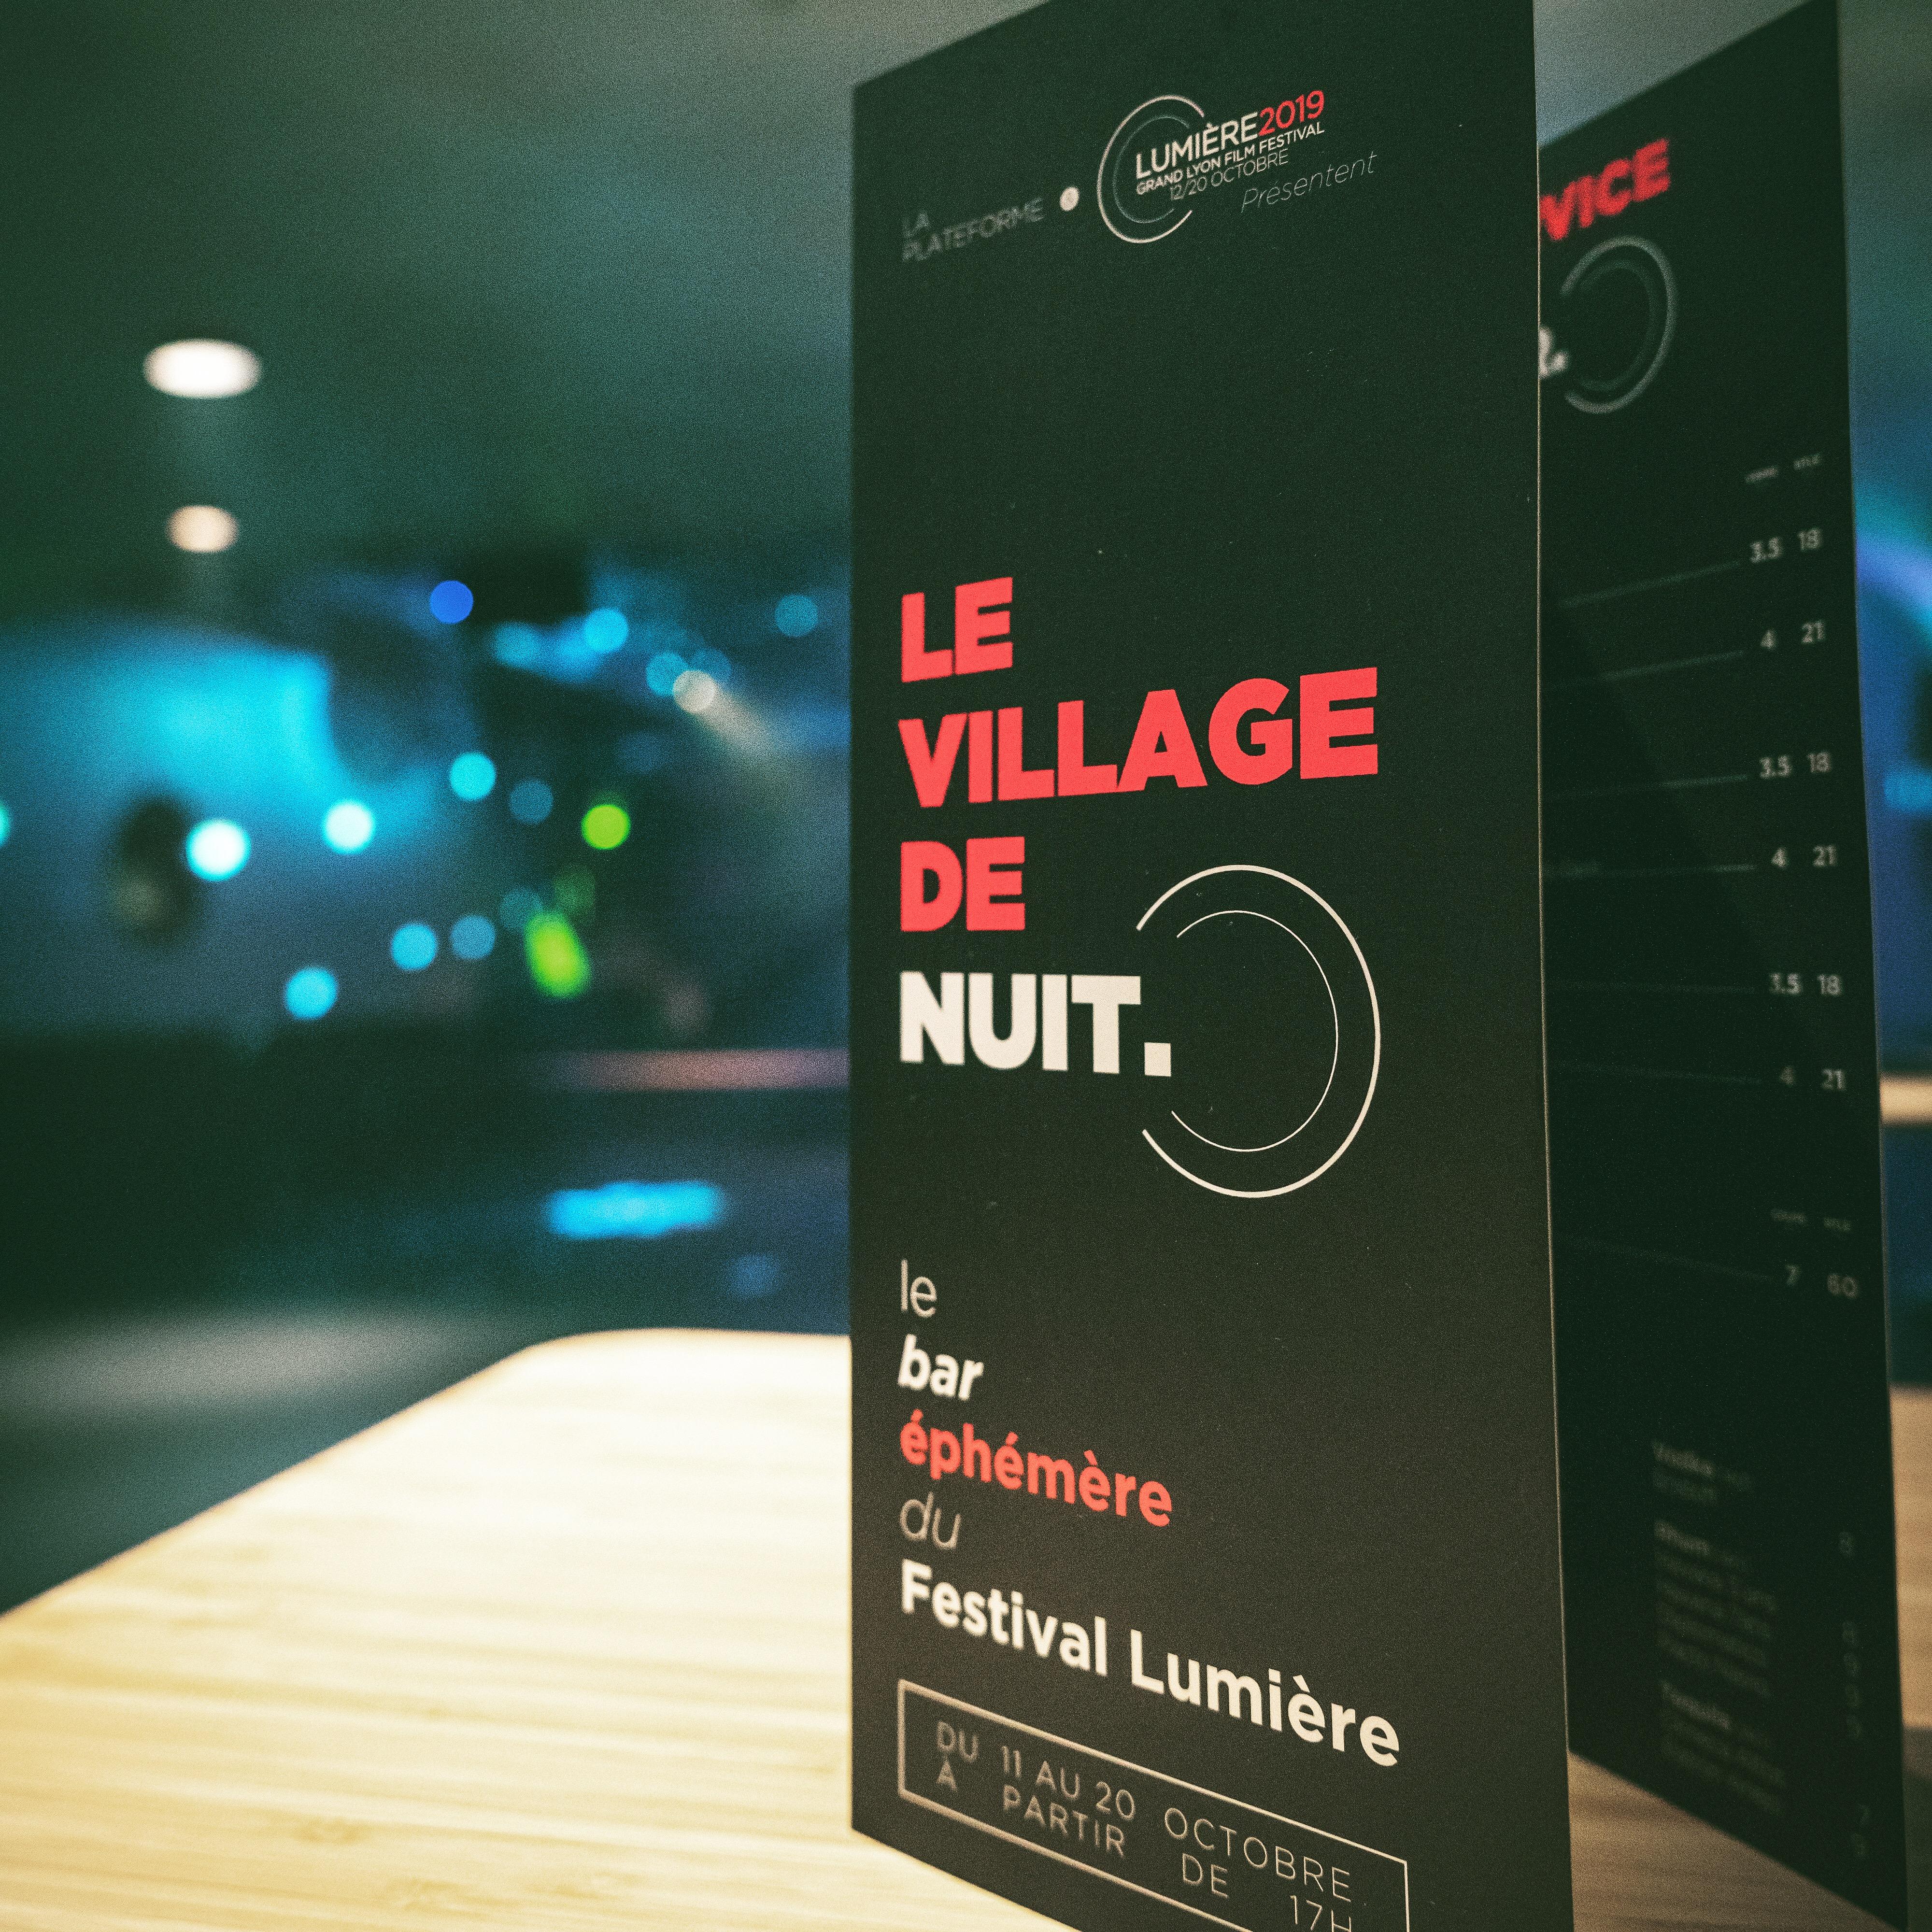 4 Colors Lyon : Charte graphique le village de nuit, Bateau la plateforme, Festivale lumière 2019